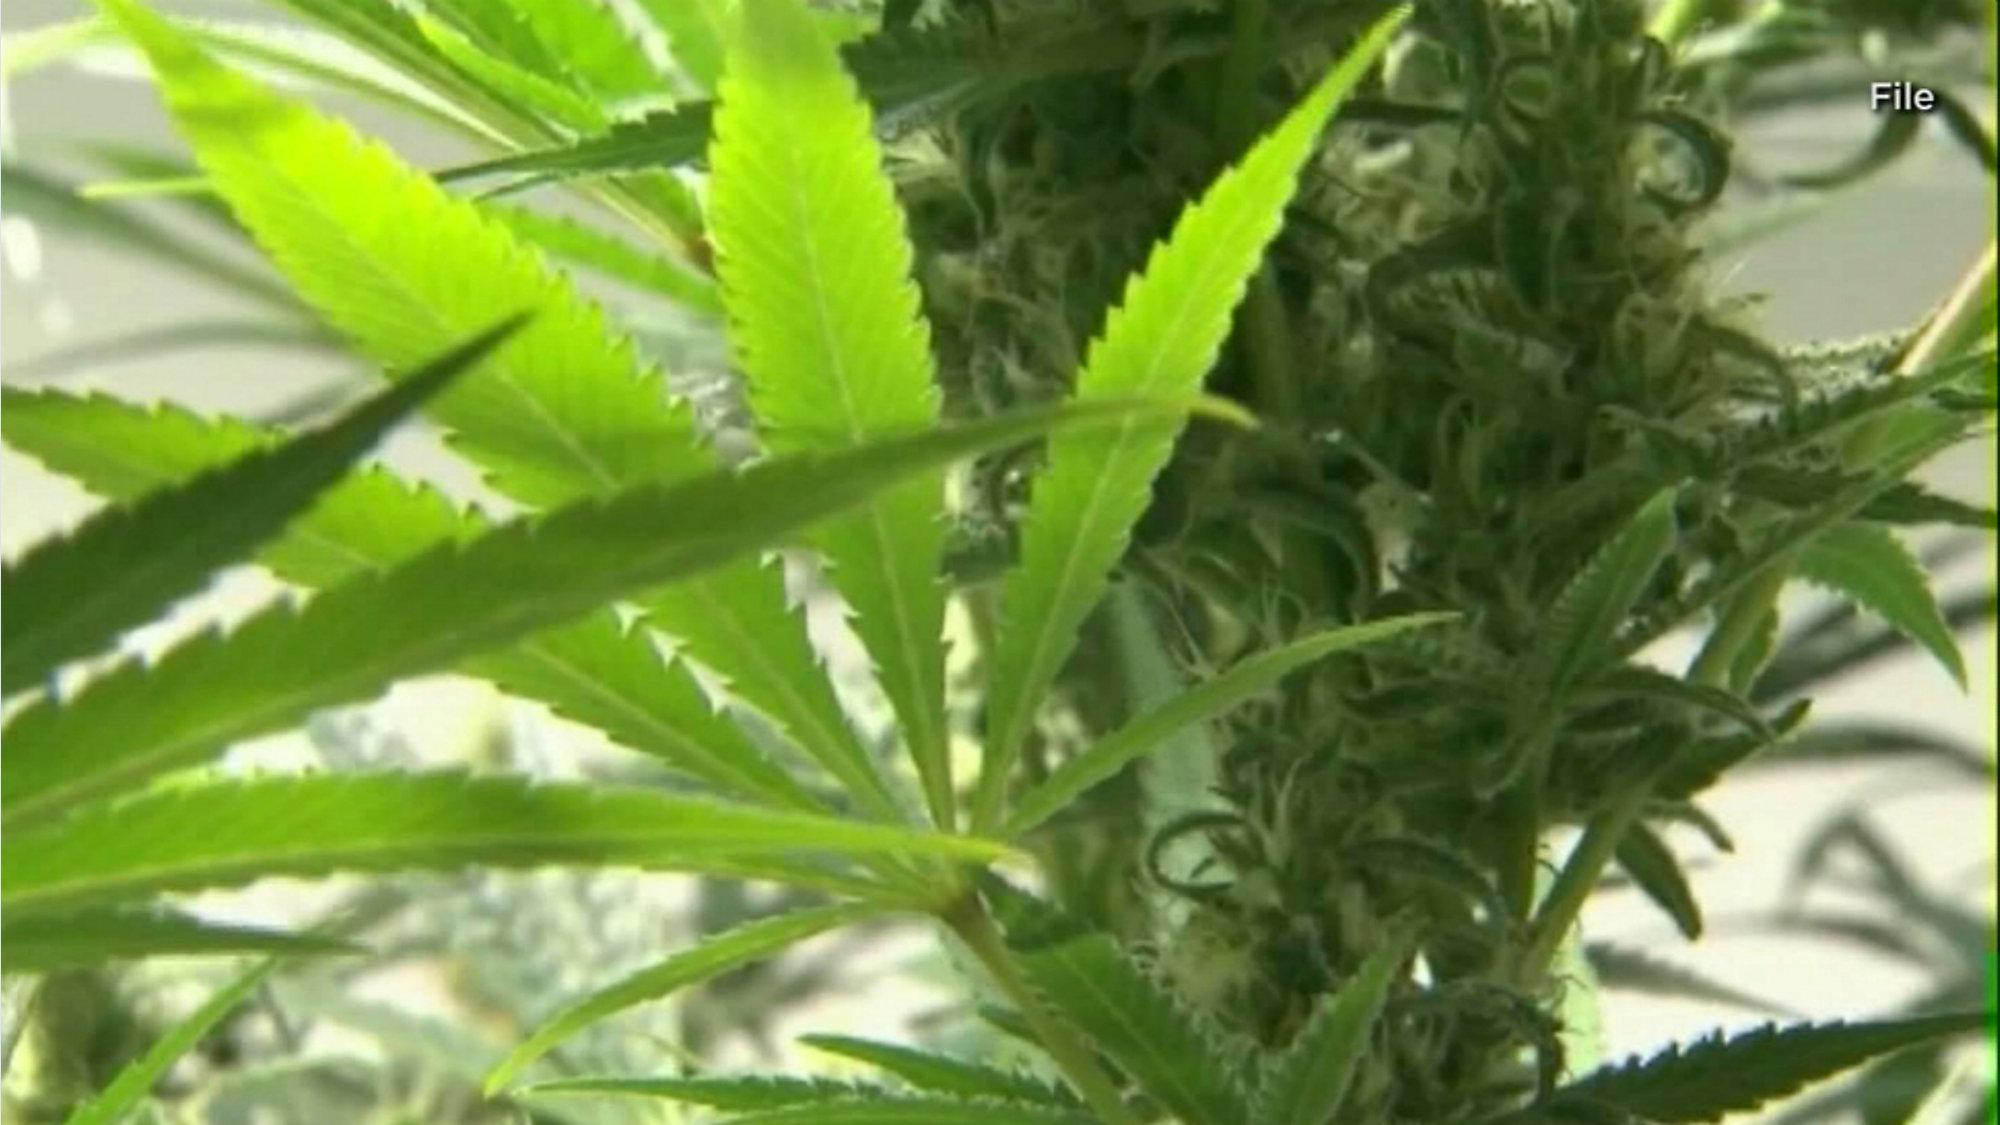 Smokable Medical Marijuana Bill Passes Florida Legislature